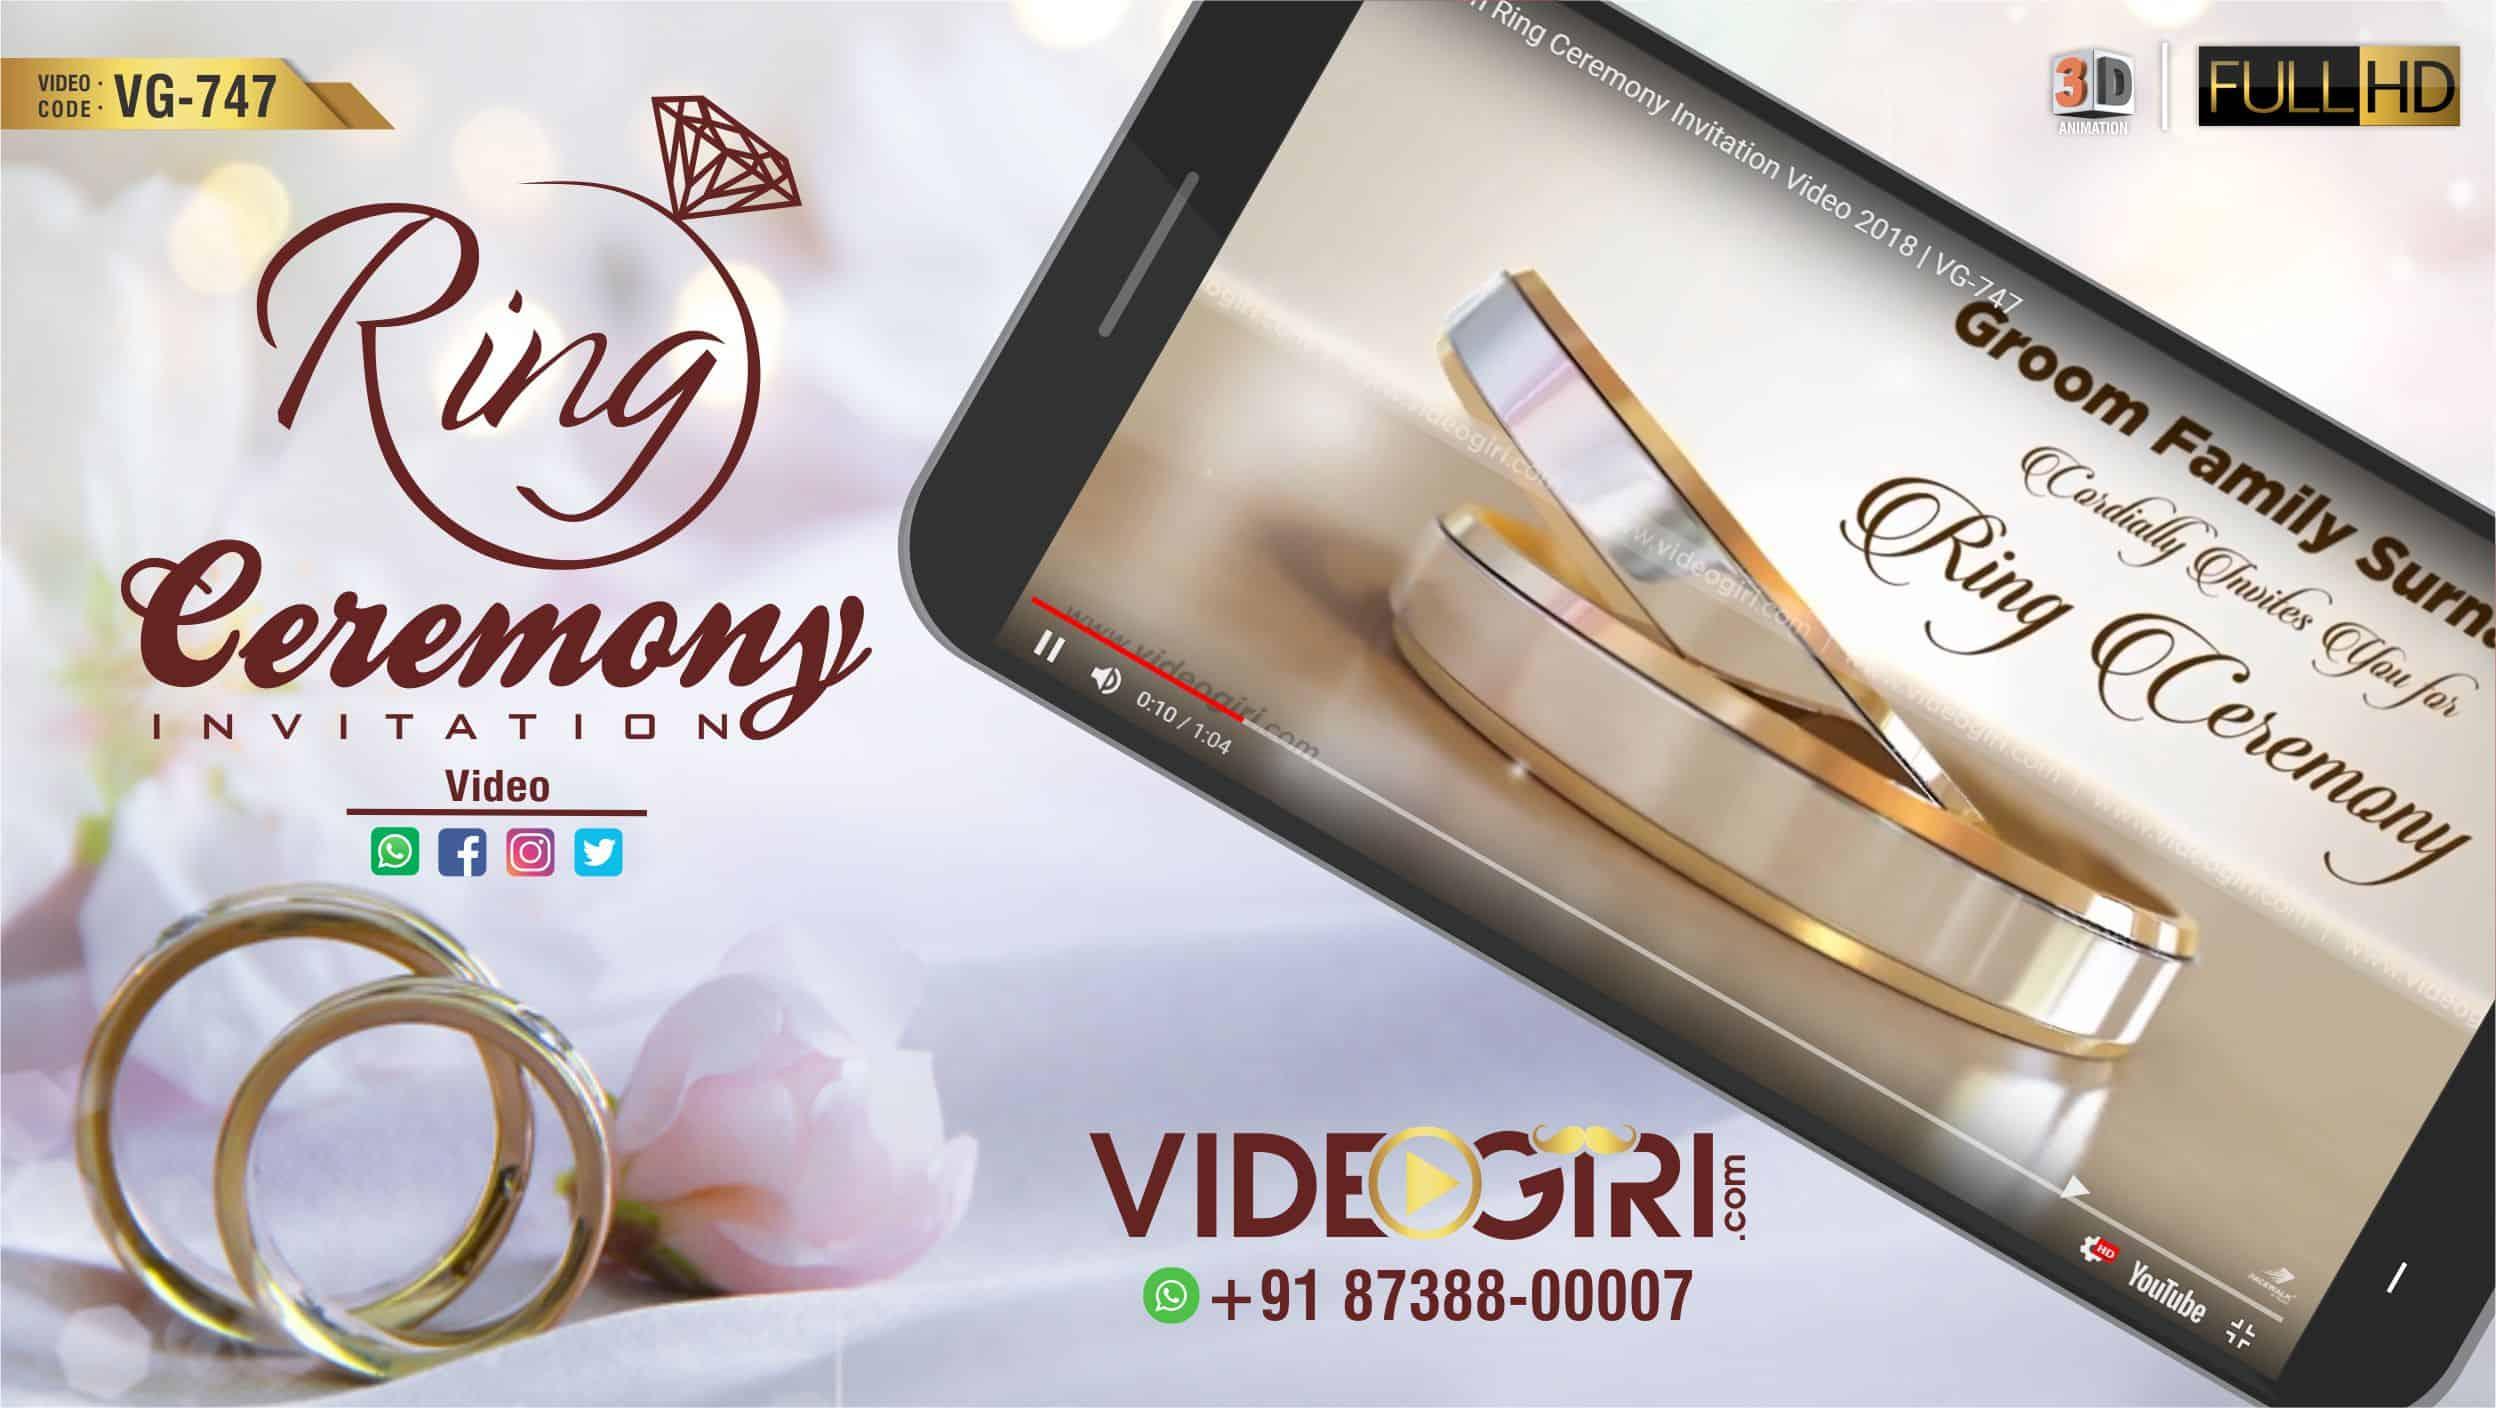 Custom Ring Ceremony Invitation Video Vg 747 Ring